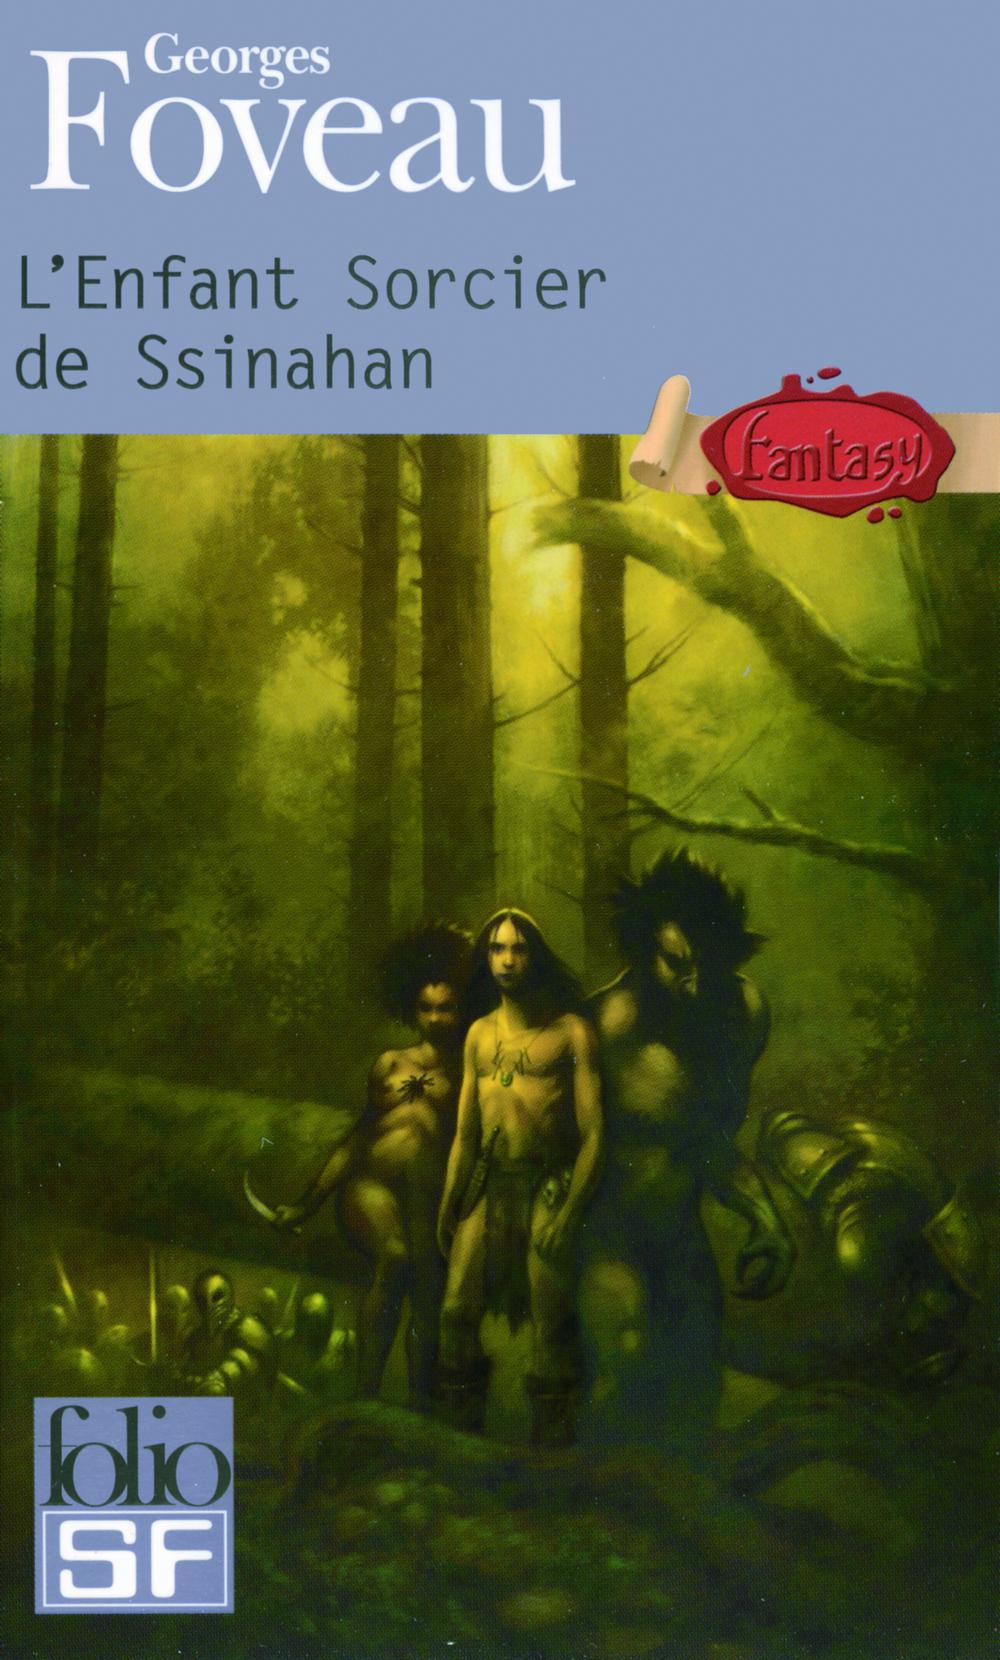 L'Enfant sorcier de Ssinahan